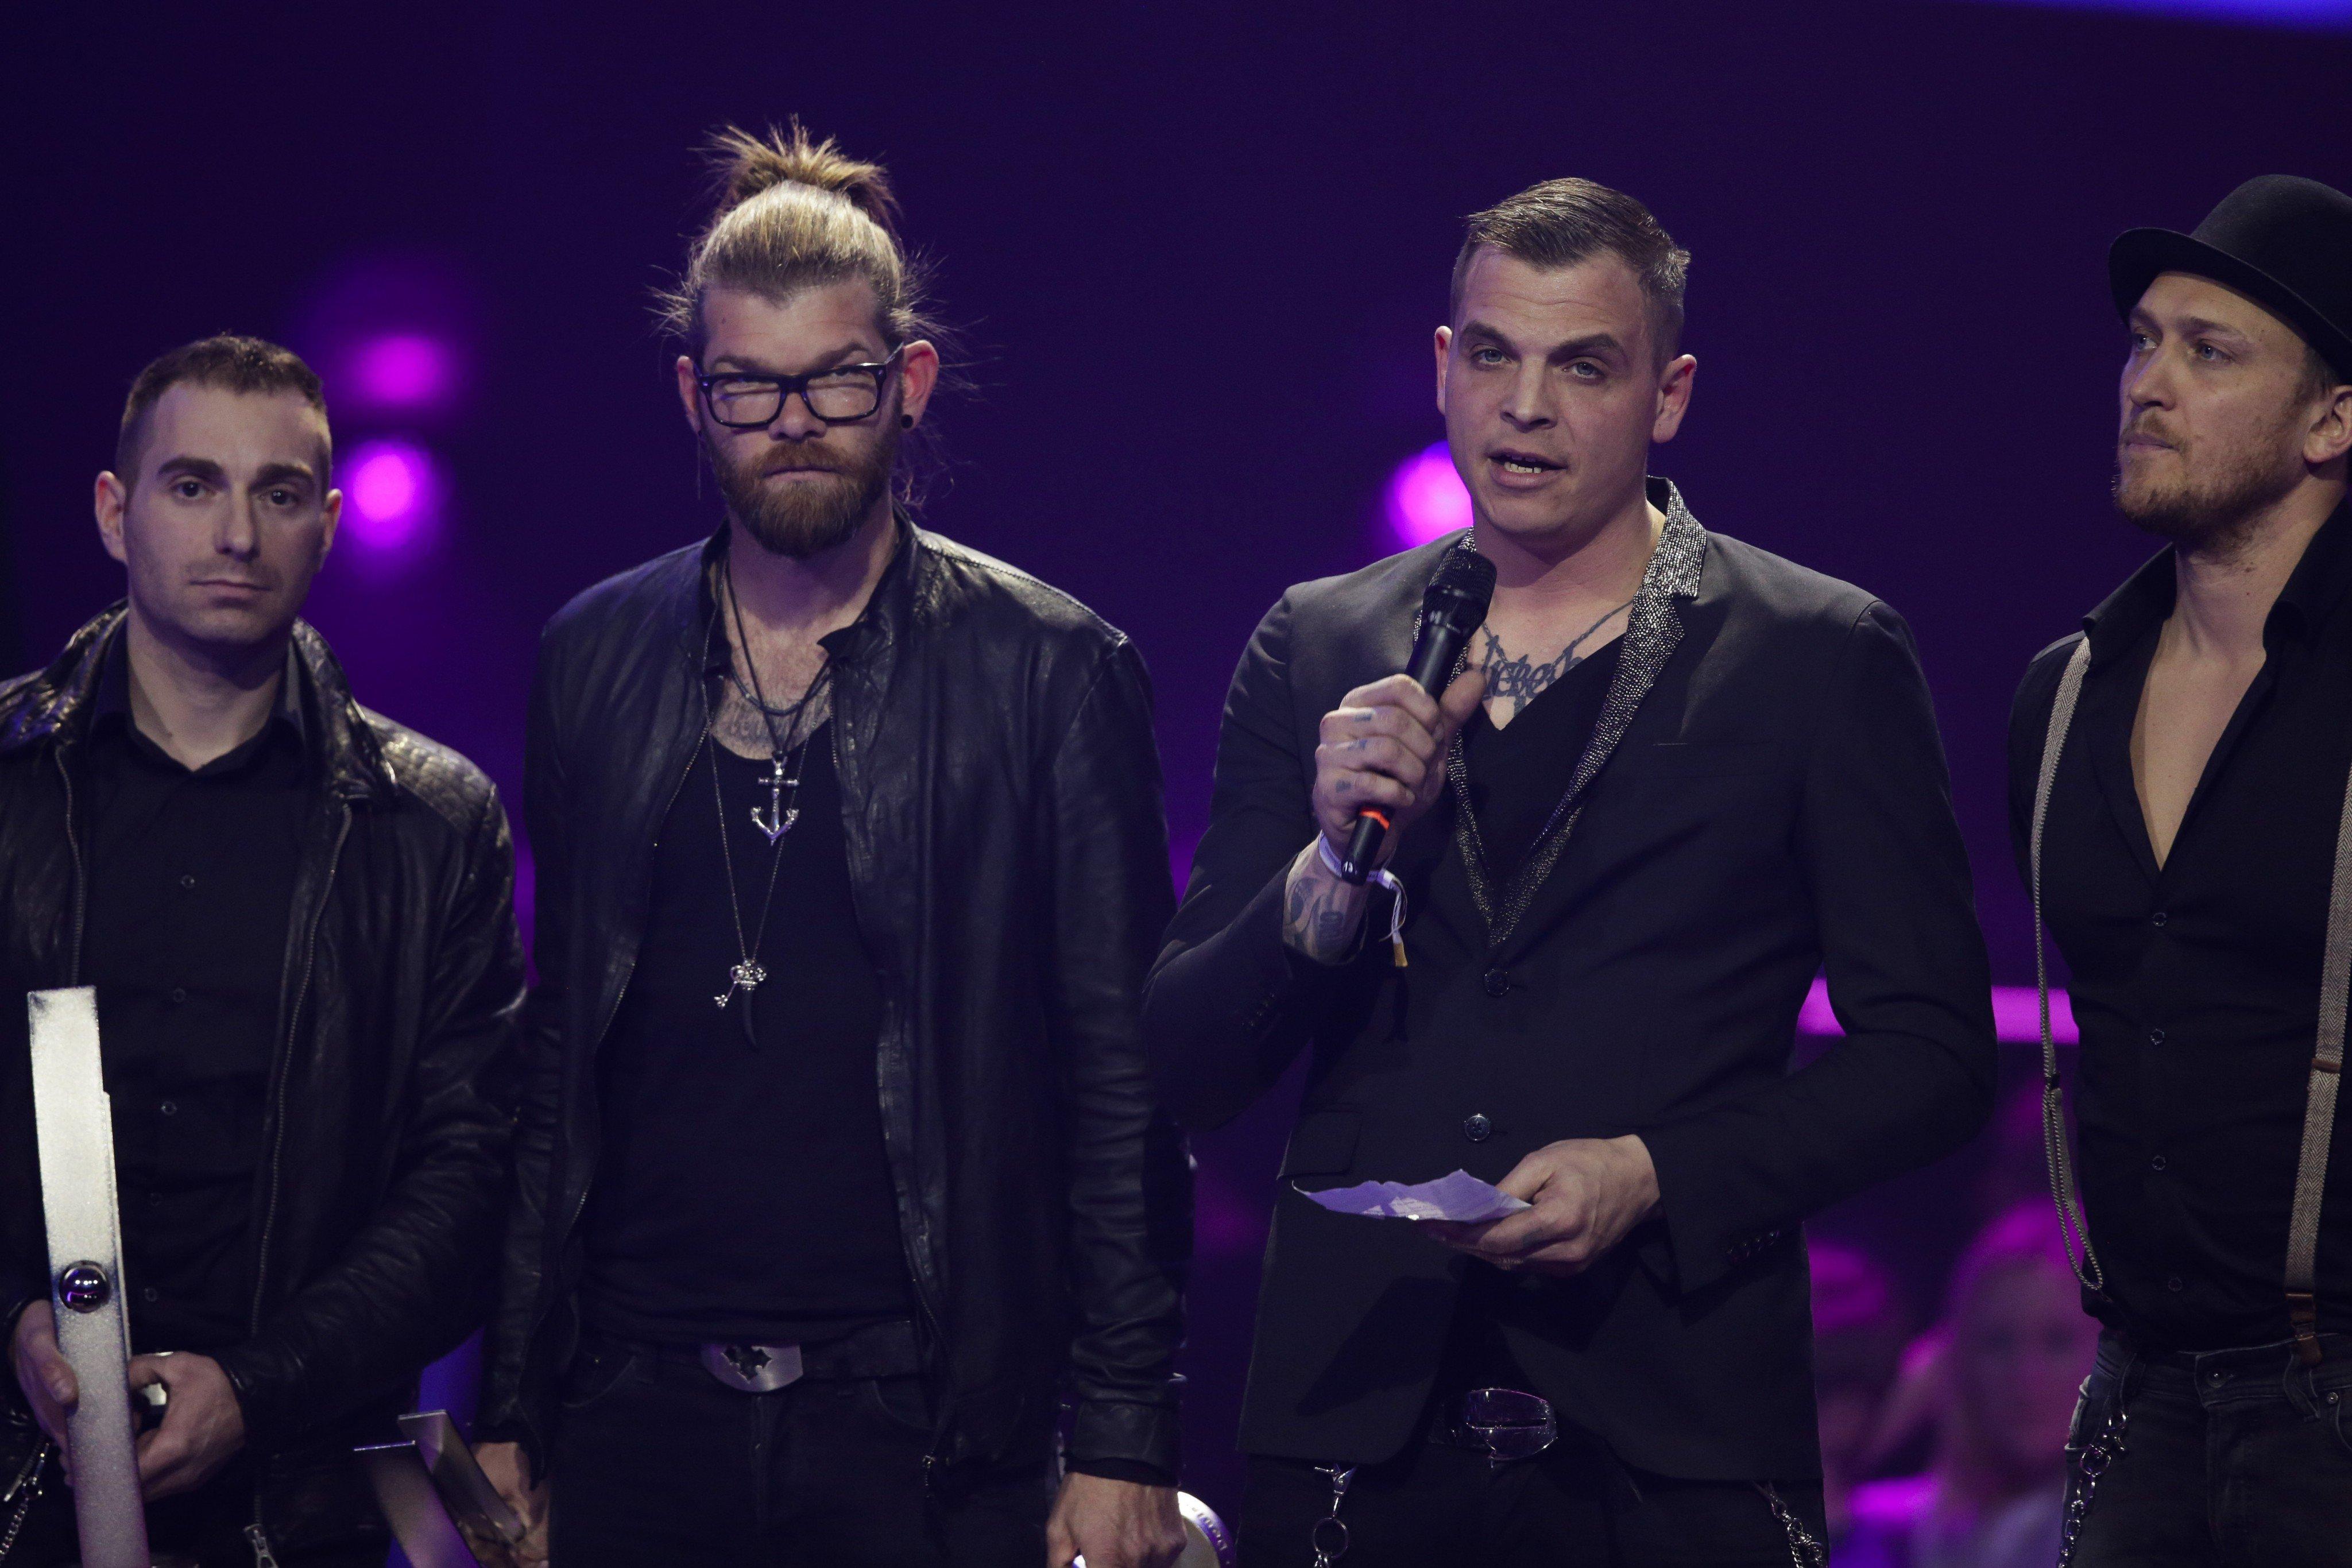 Südtiroler Rockband Frei.Wild gibt Warm Up-Show im Gasometer Wien